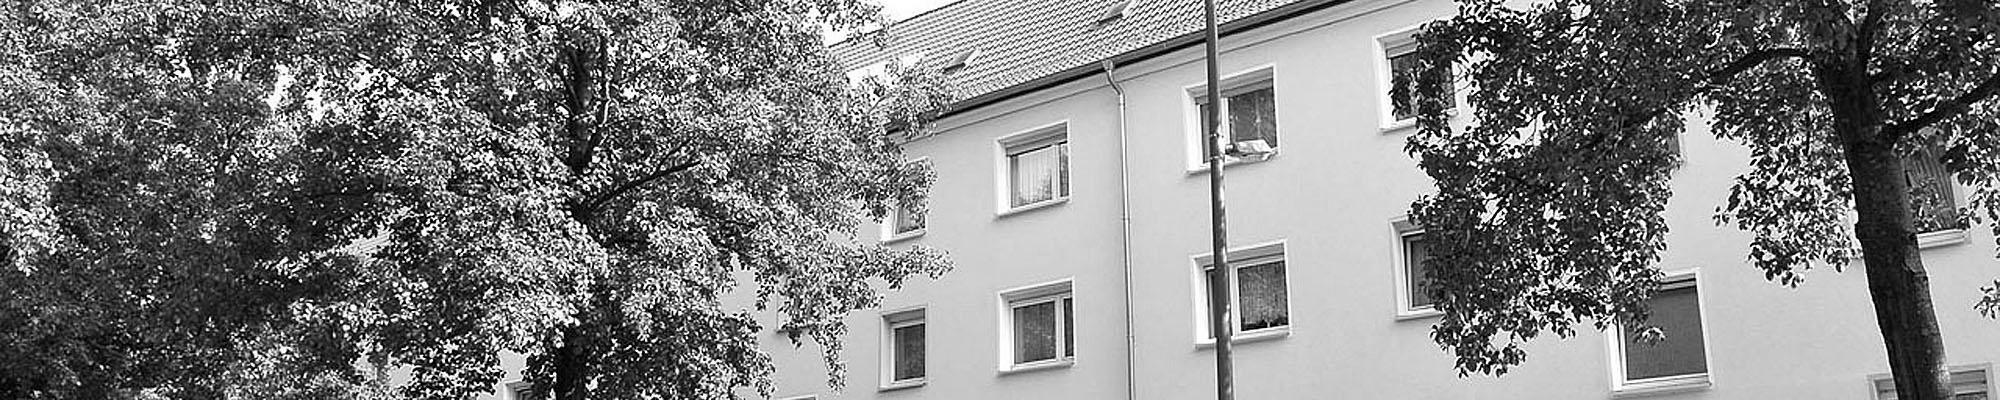 Wohnungen St Wendel Umgebung